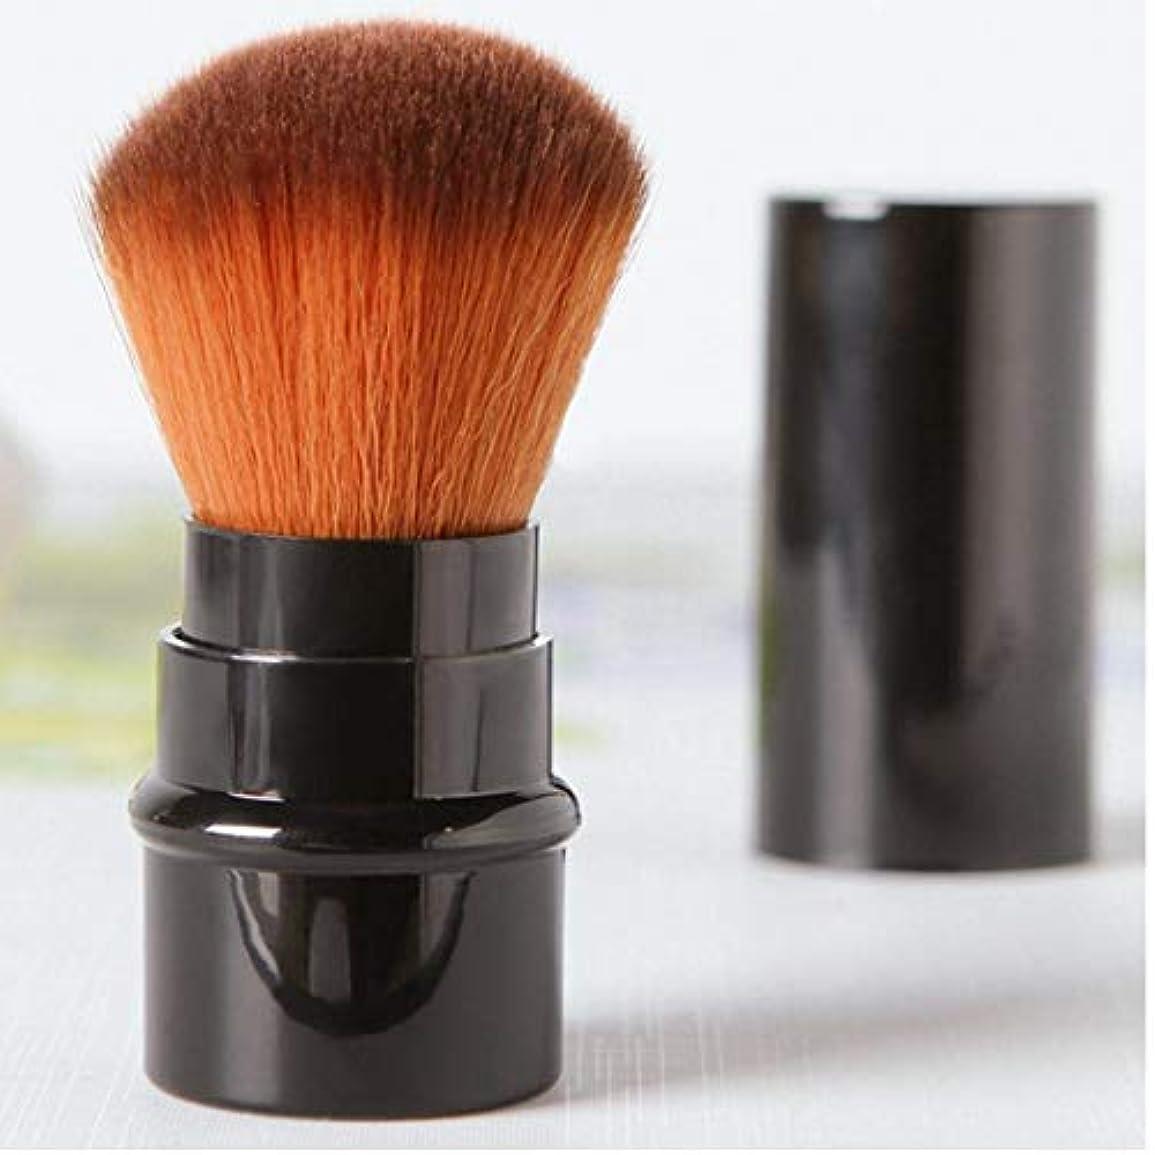 最後に小道具白いブラッシュ、ブロンザー、蛍光ペン用ミニトラベルサイズマルチタスクメイクブラシ(包装色と取り扱い色が異なる場合があります)